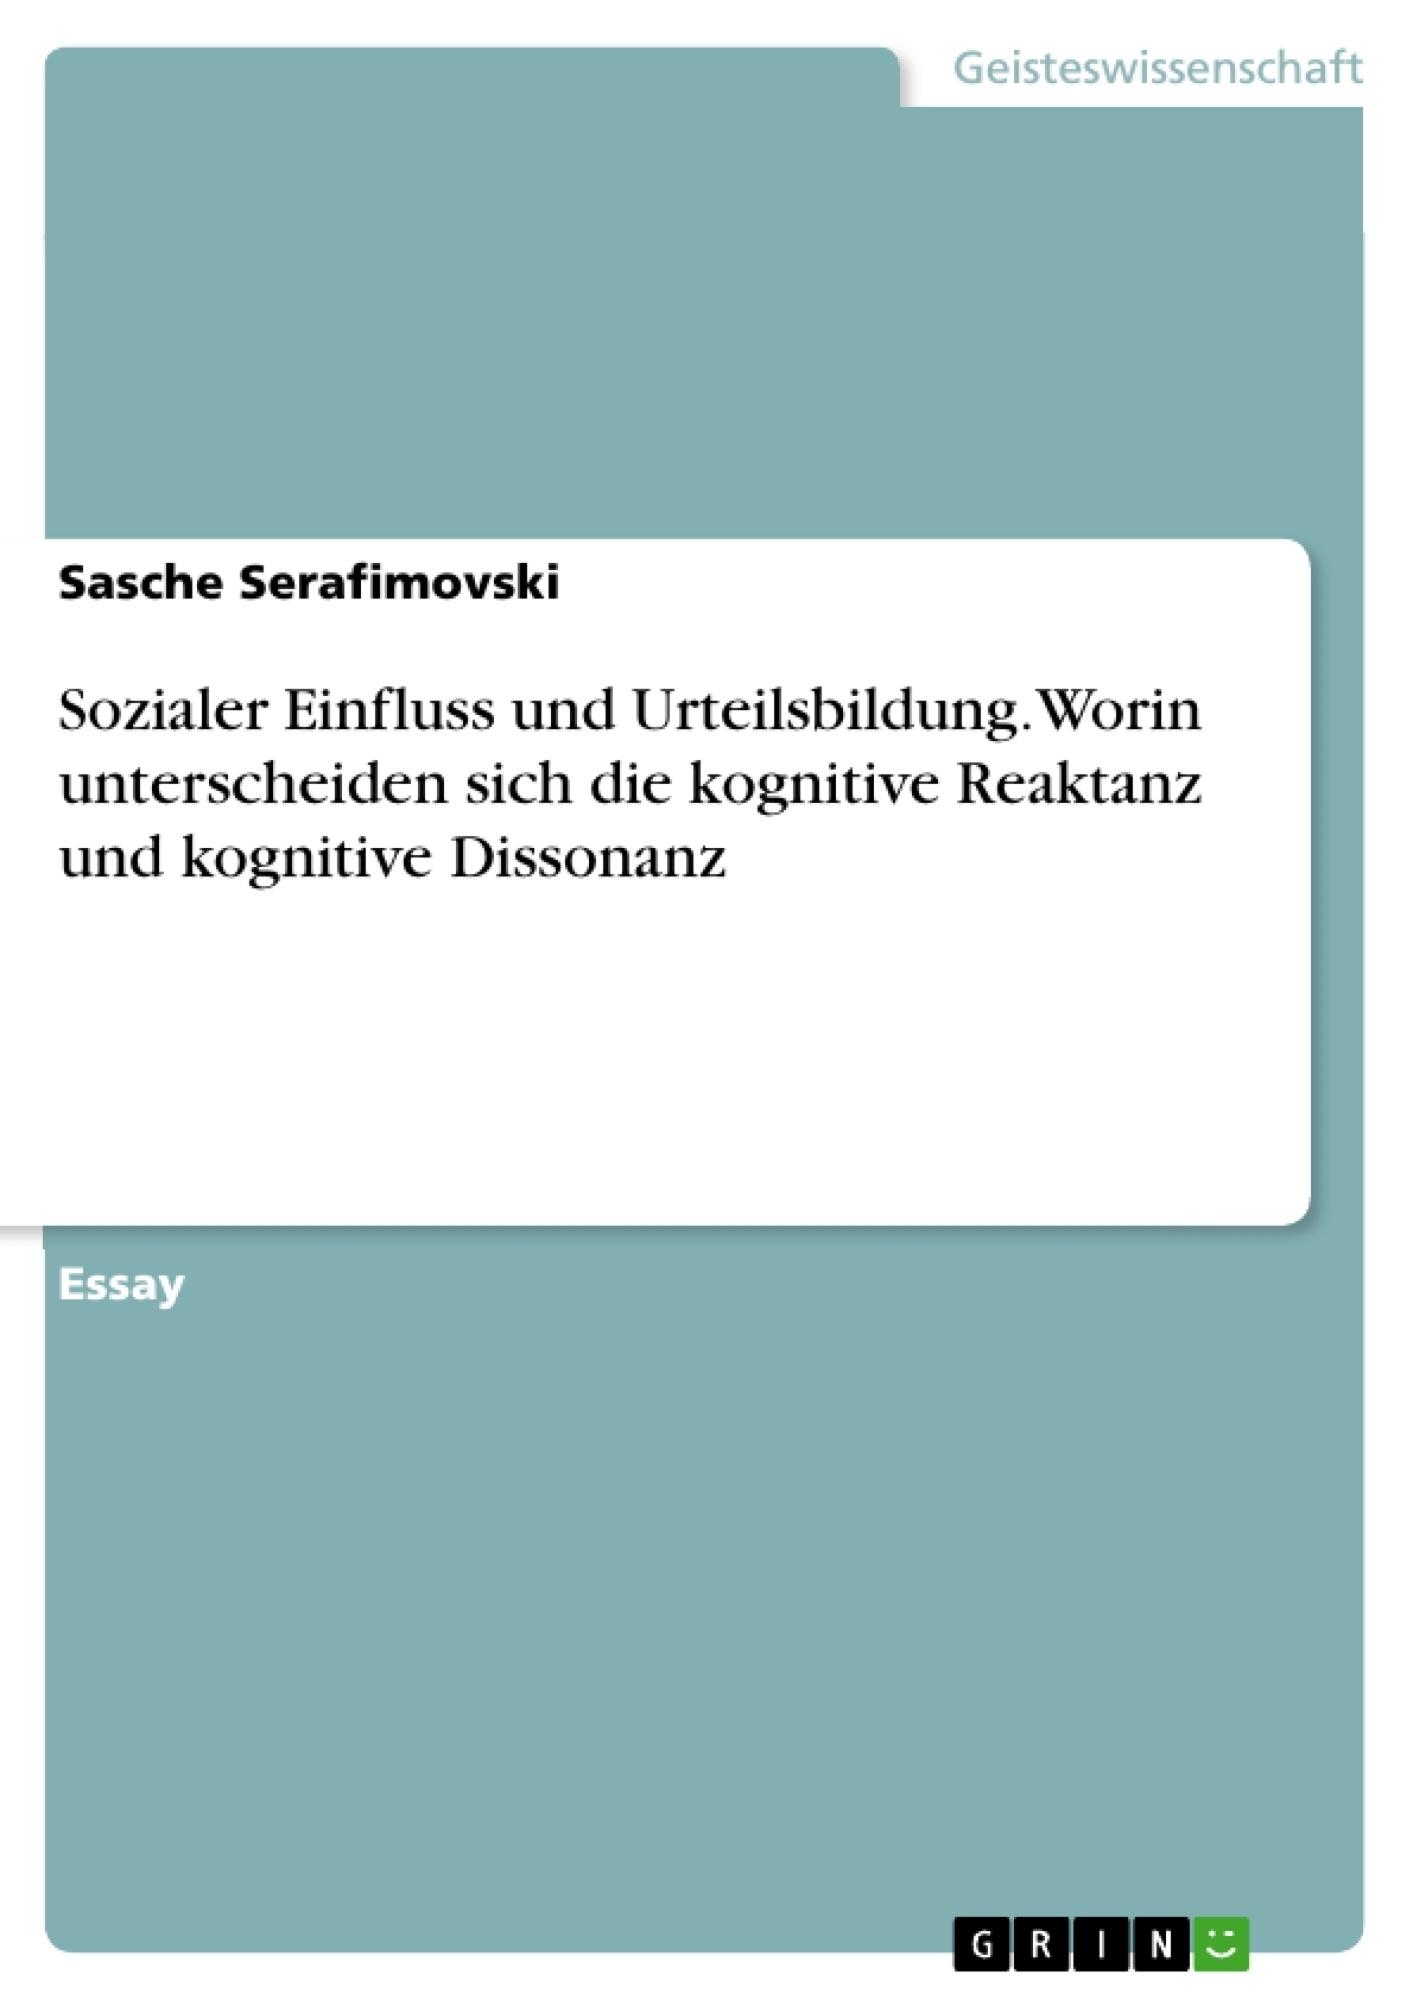 Titel: Sozialer Einfluss und Urteilsbildung. Worin unterscheiden sich die kognitive Reaktanz und kognitive Dissonanz